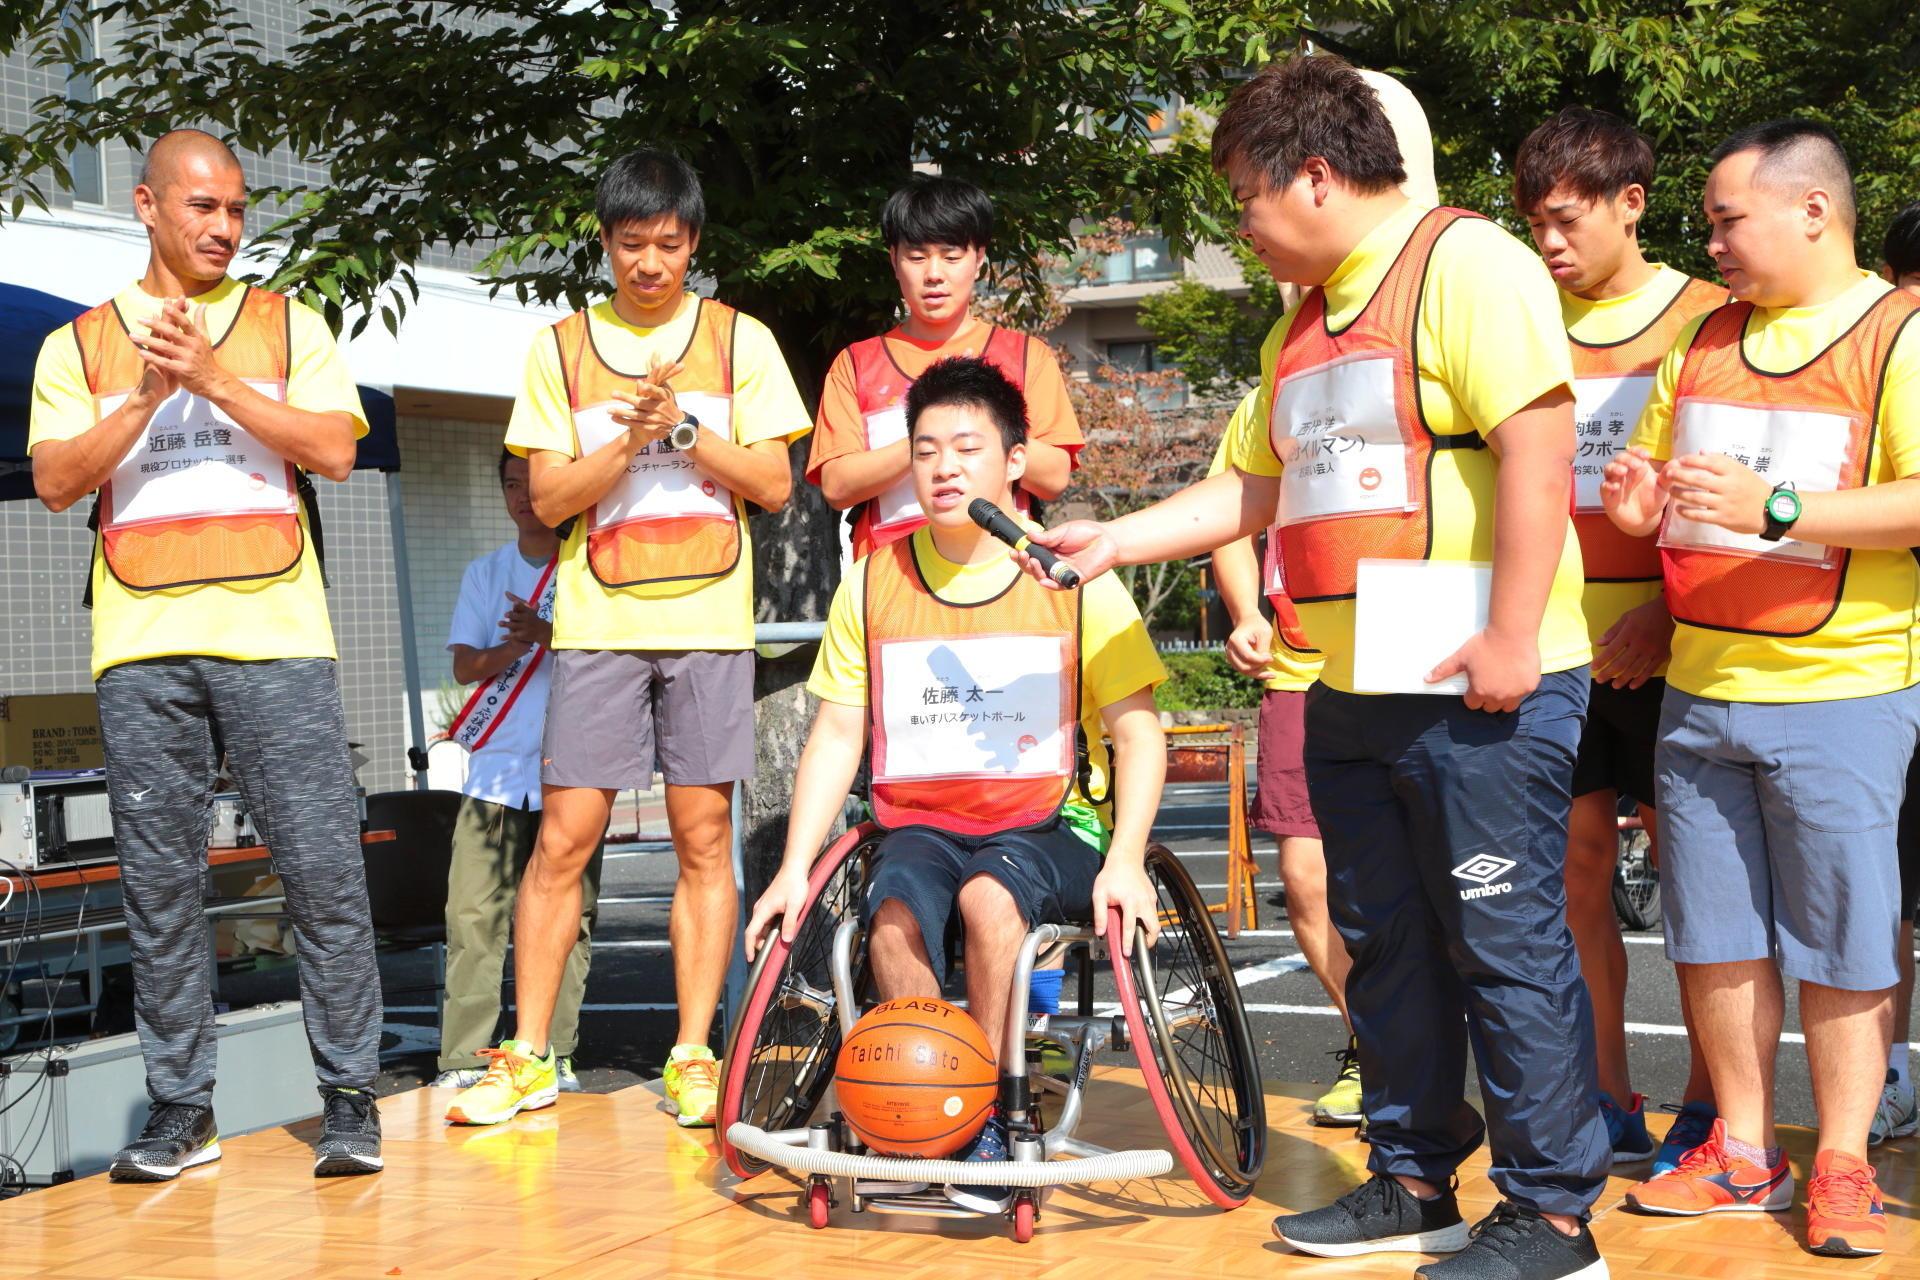 http://news.yoshimoto.co.jp/20171012101636-181e441eb24afc92a89d848d1a3ff31cde240f01.jpg